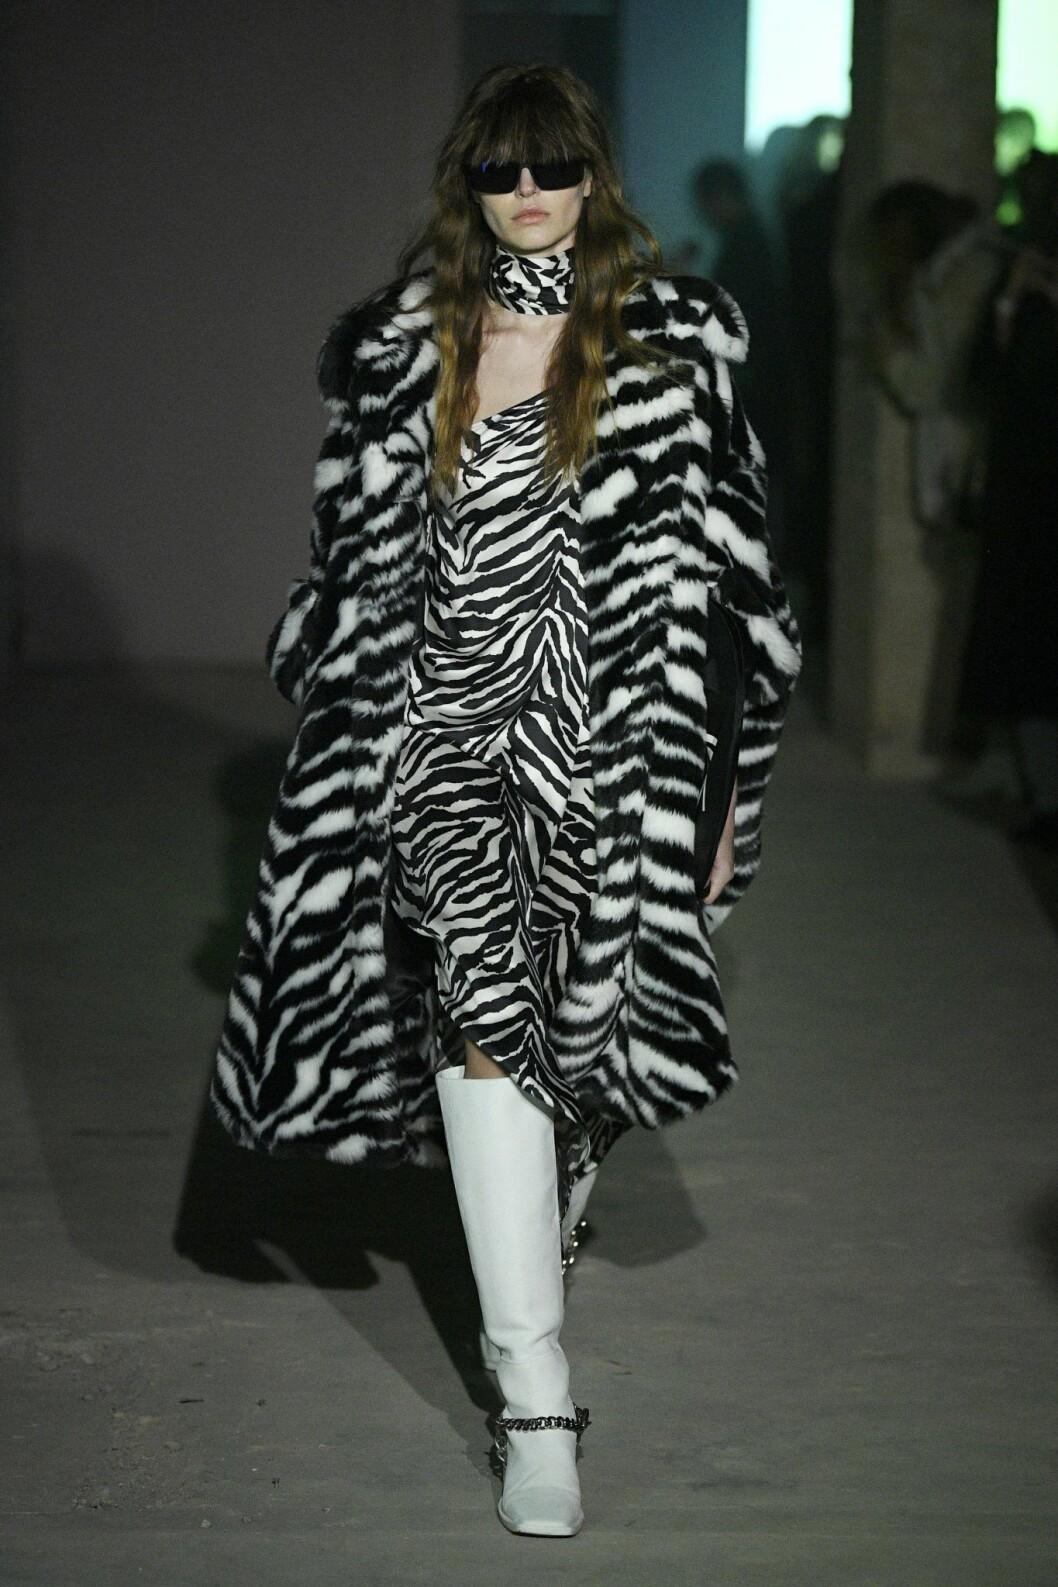 Zebraprint, Zebramönstrad jacka och klänning